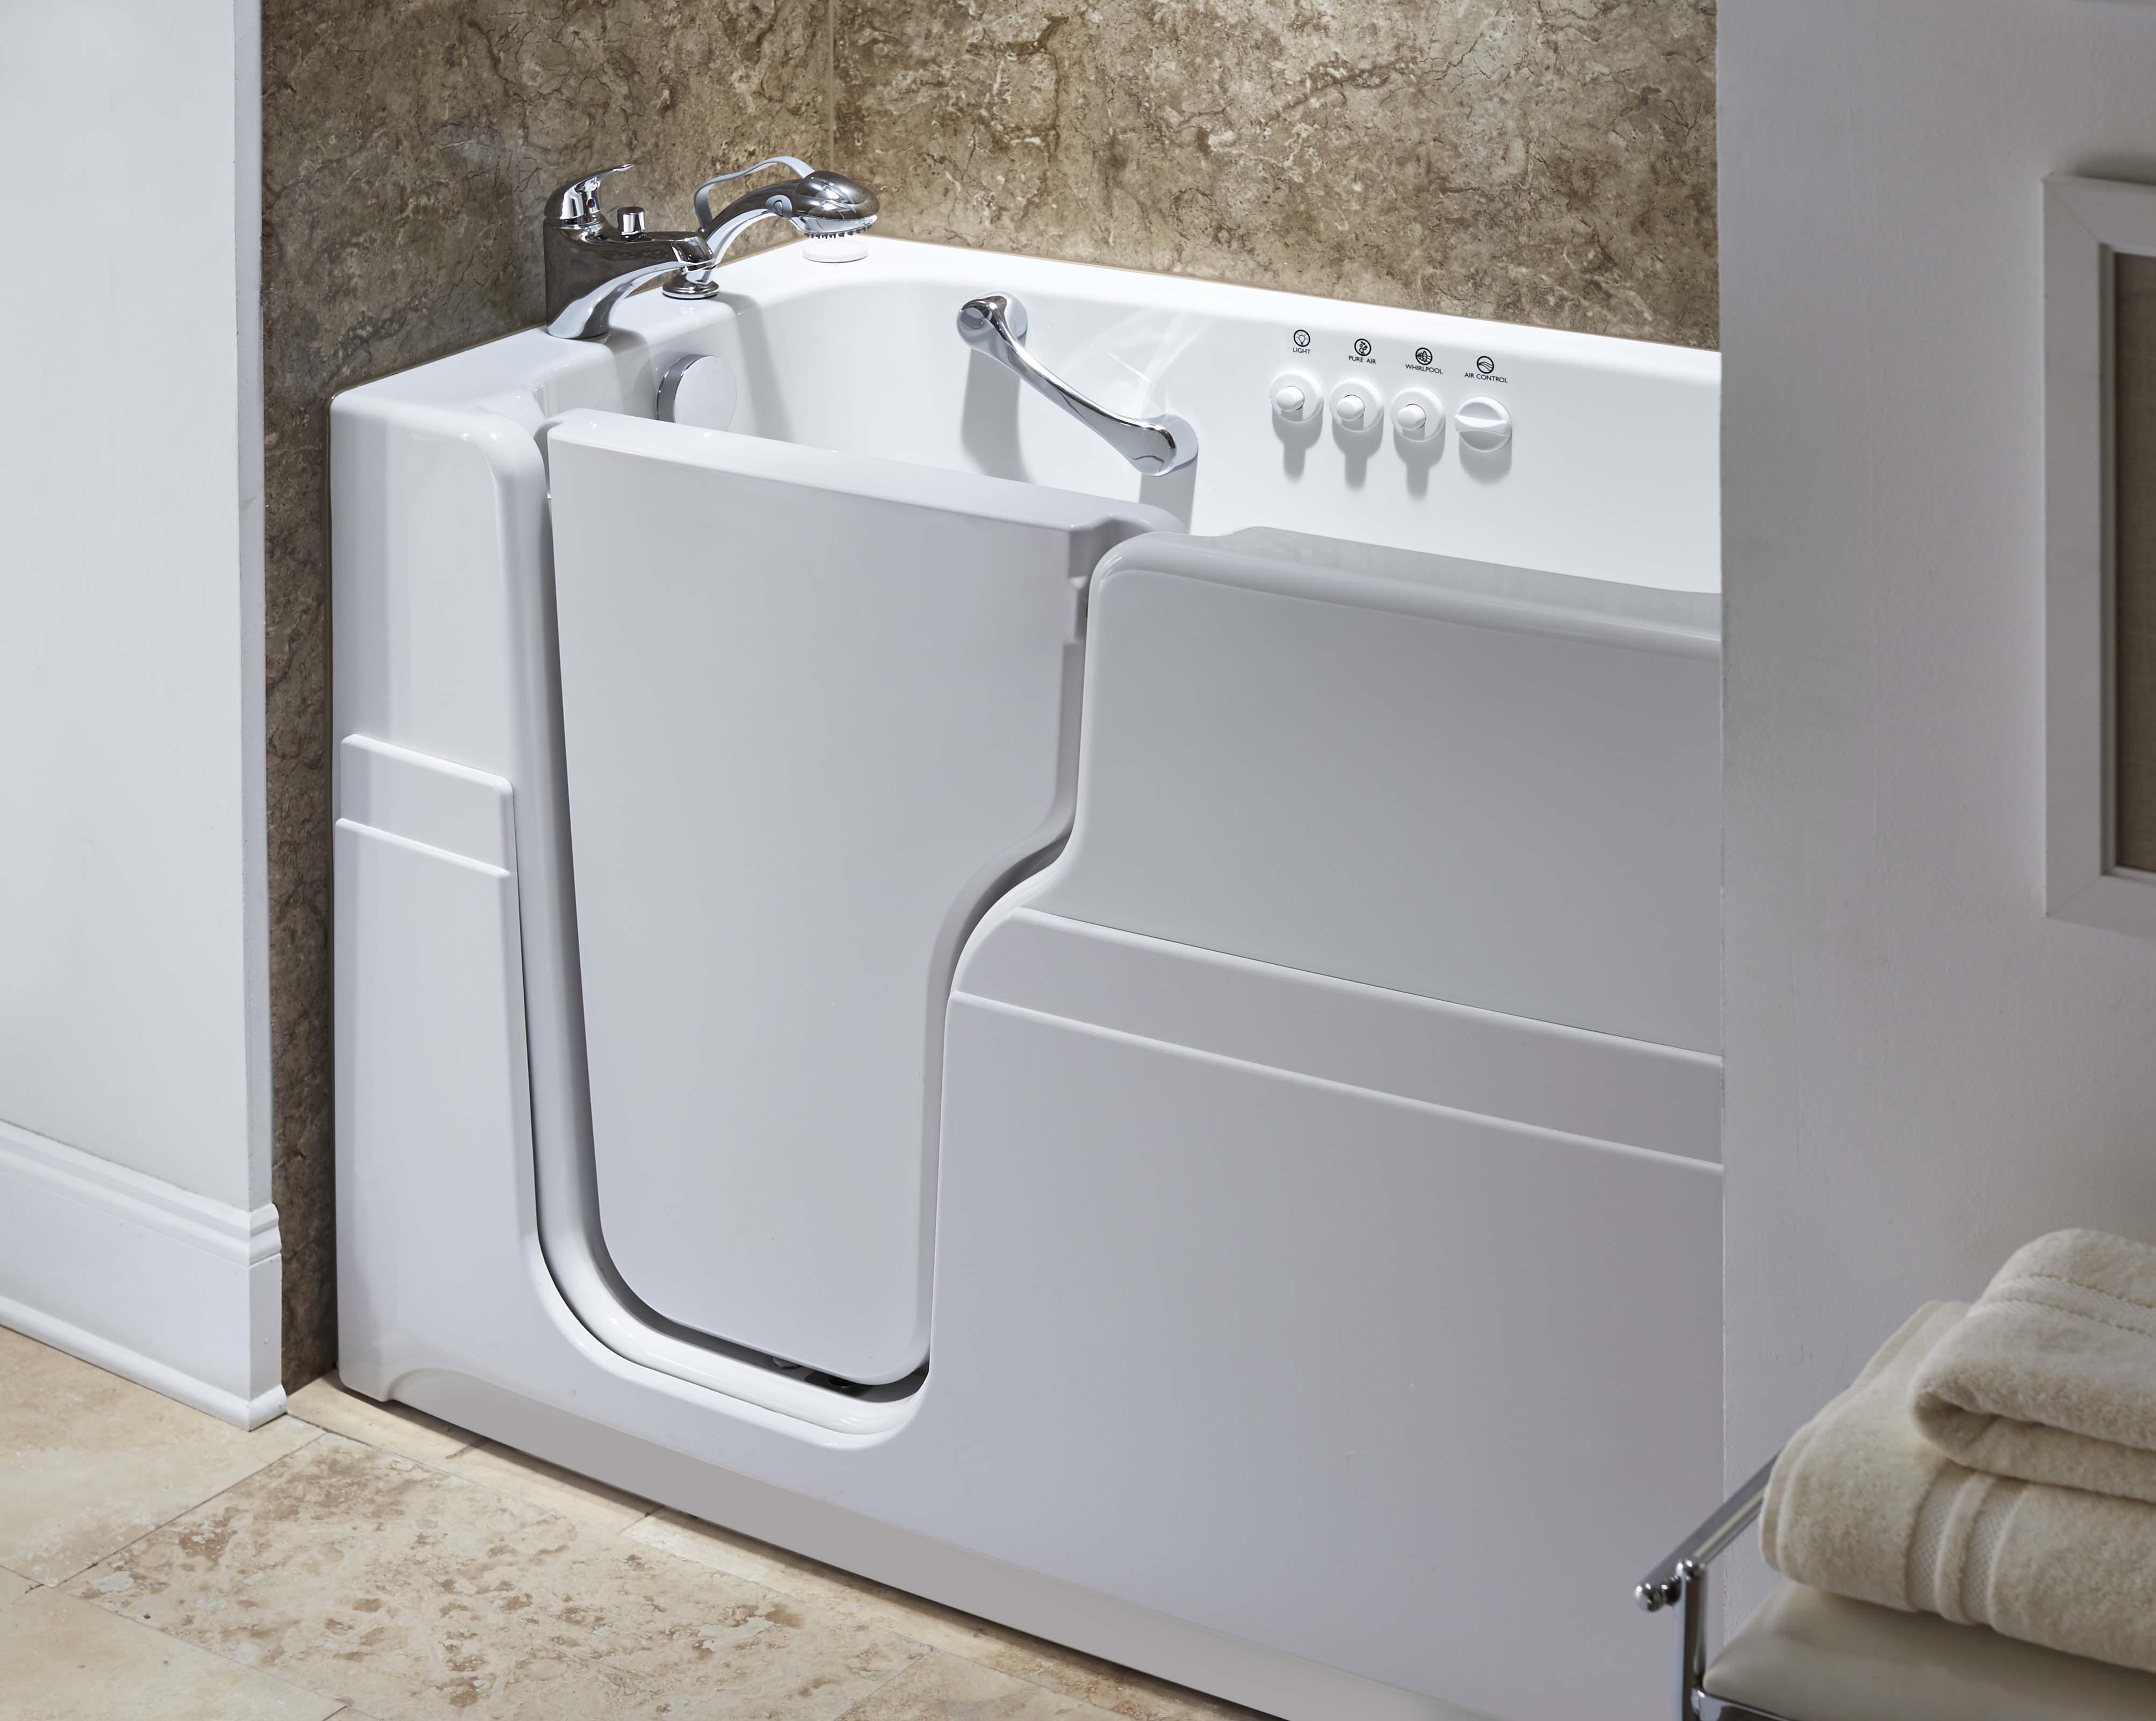 Bath Expo Lacy Lane Suite Carrollton TX YPcom - Bathroom remodel carrollton tx